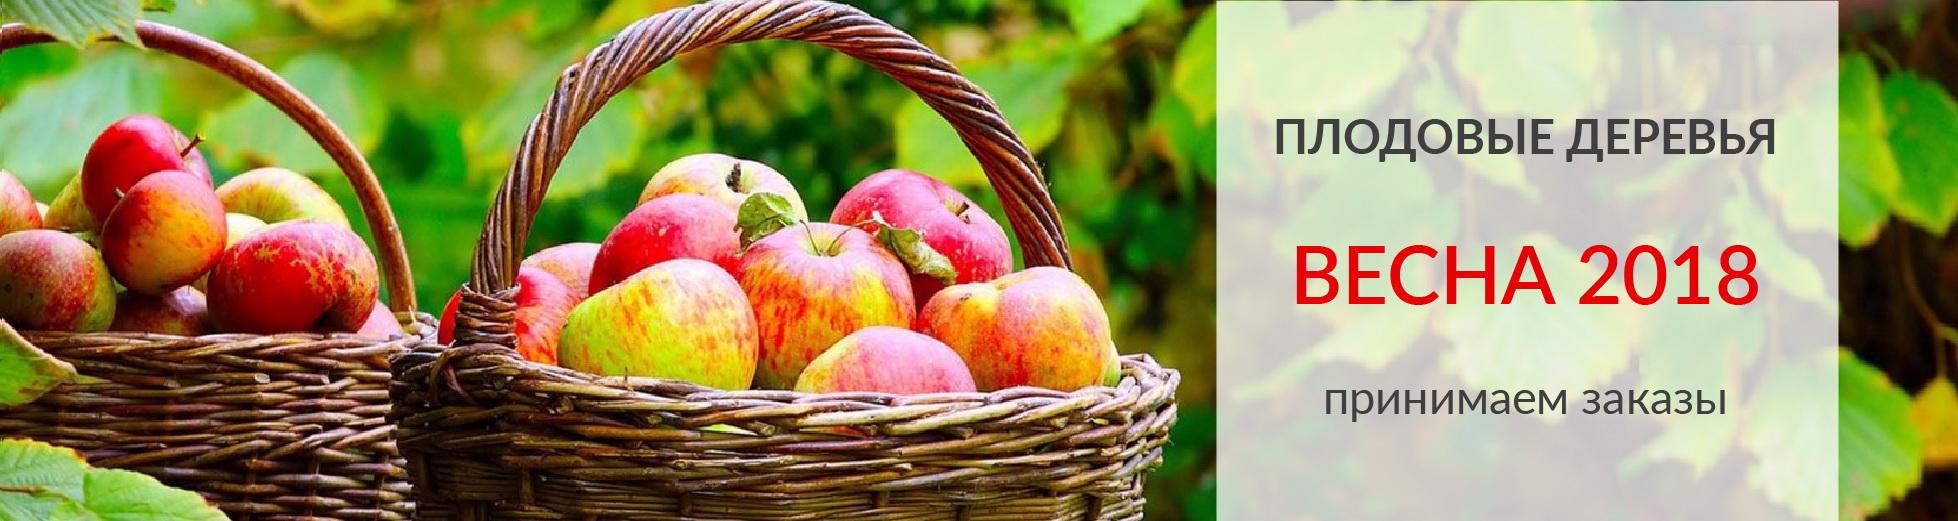 Заказать семена всех разных цветов купить оптом искусственные цветы в самарской области